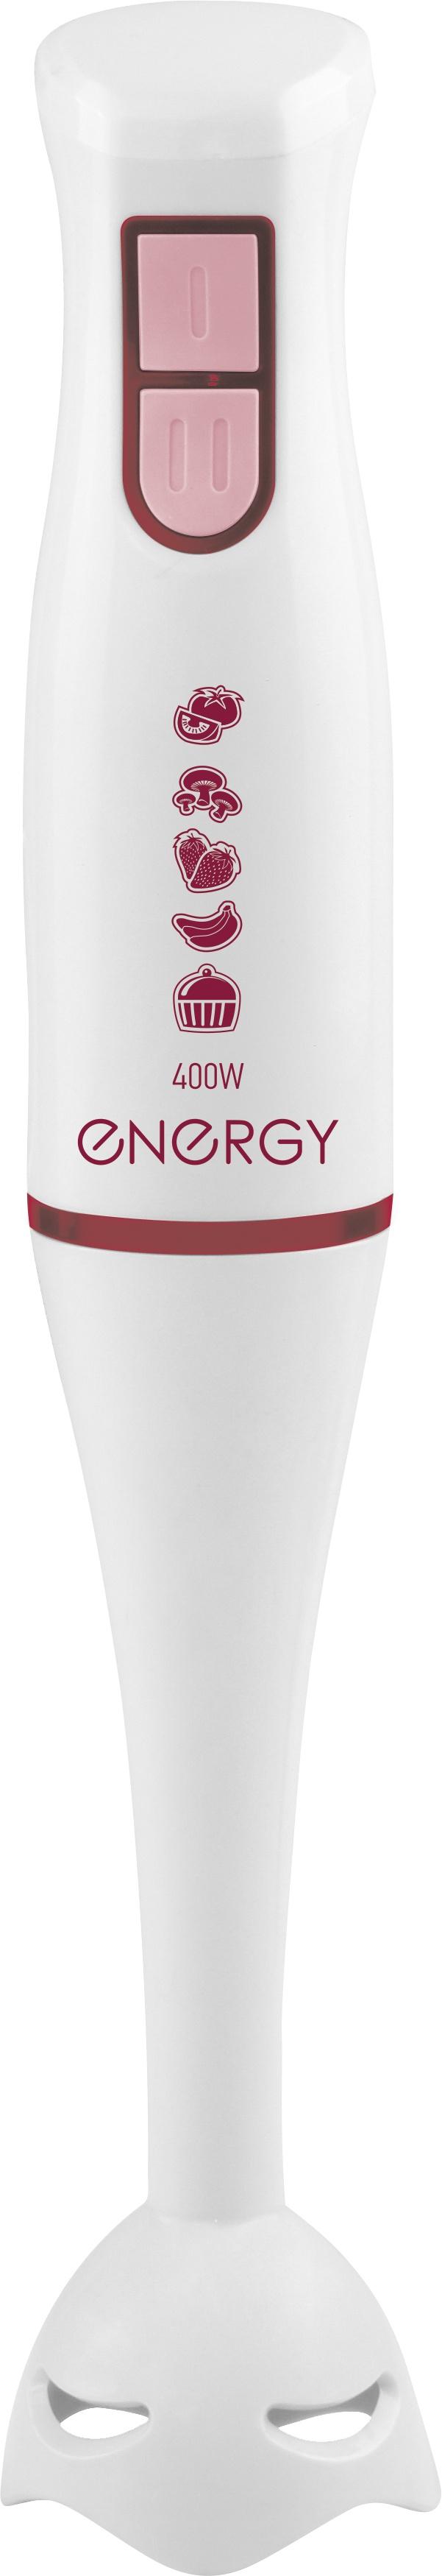 Блендер Energy EN-132 54 004648 погружной, белый блендер погружной добрыня do 2303